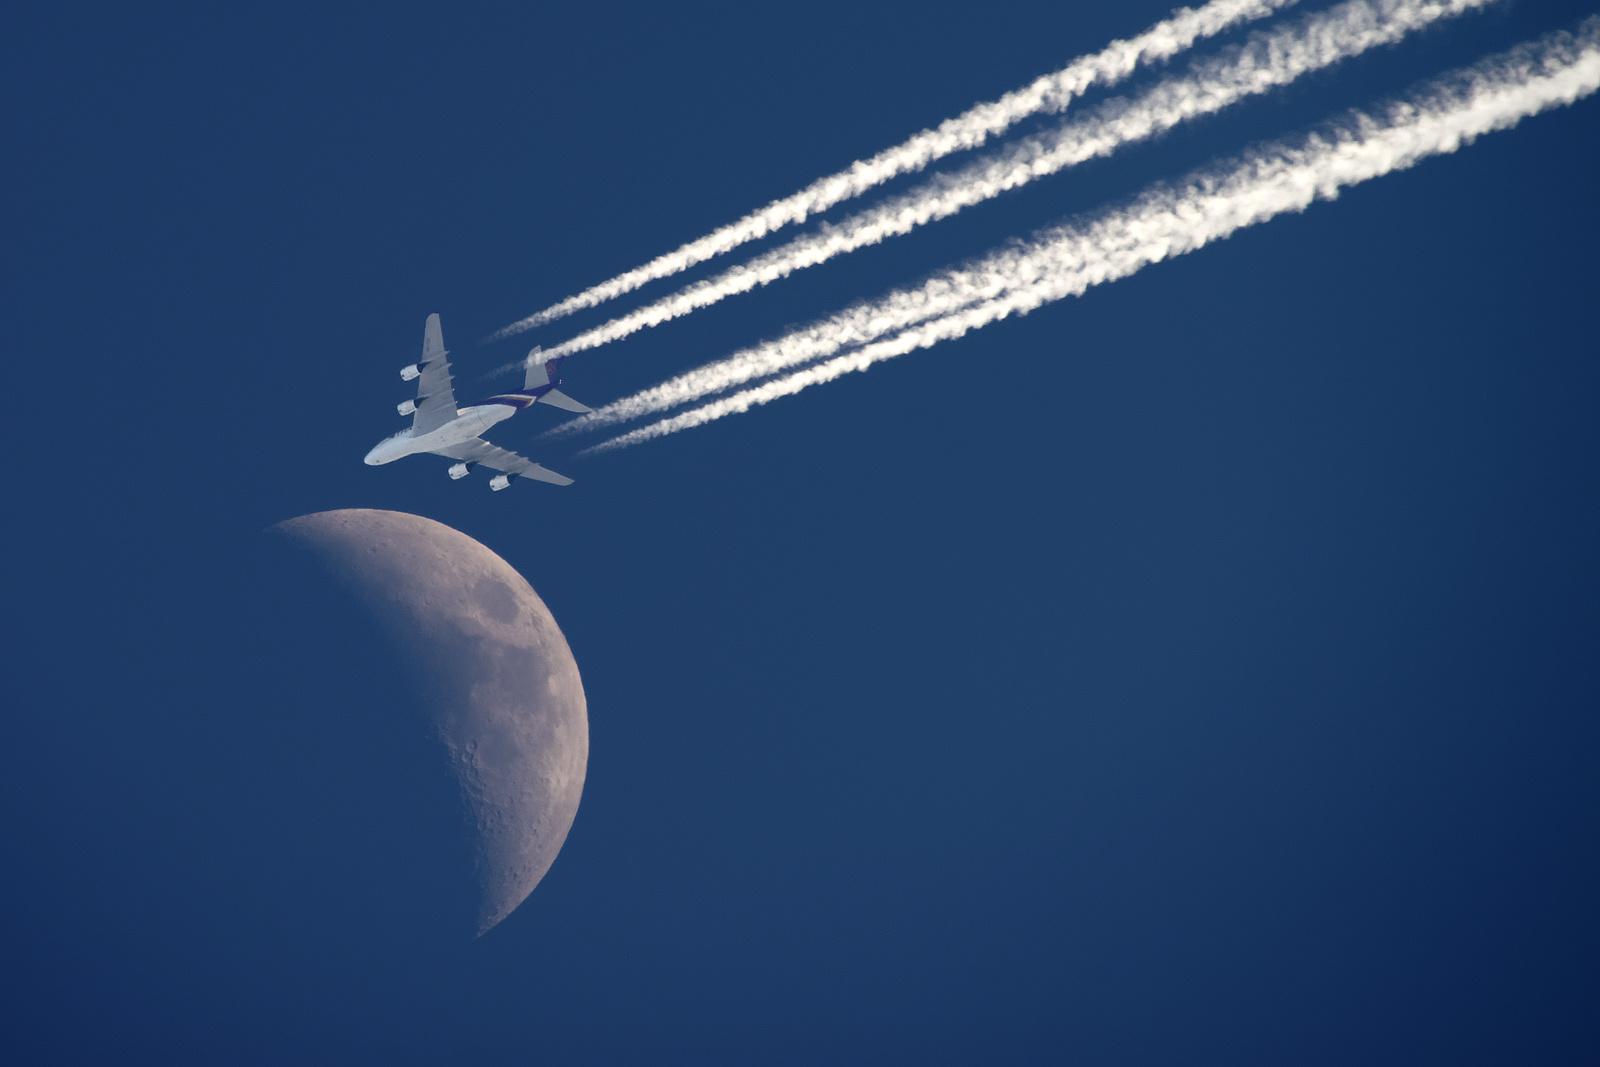 Księżyc + A380 Thai Airways.jpg